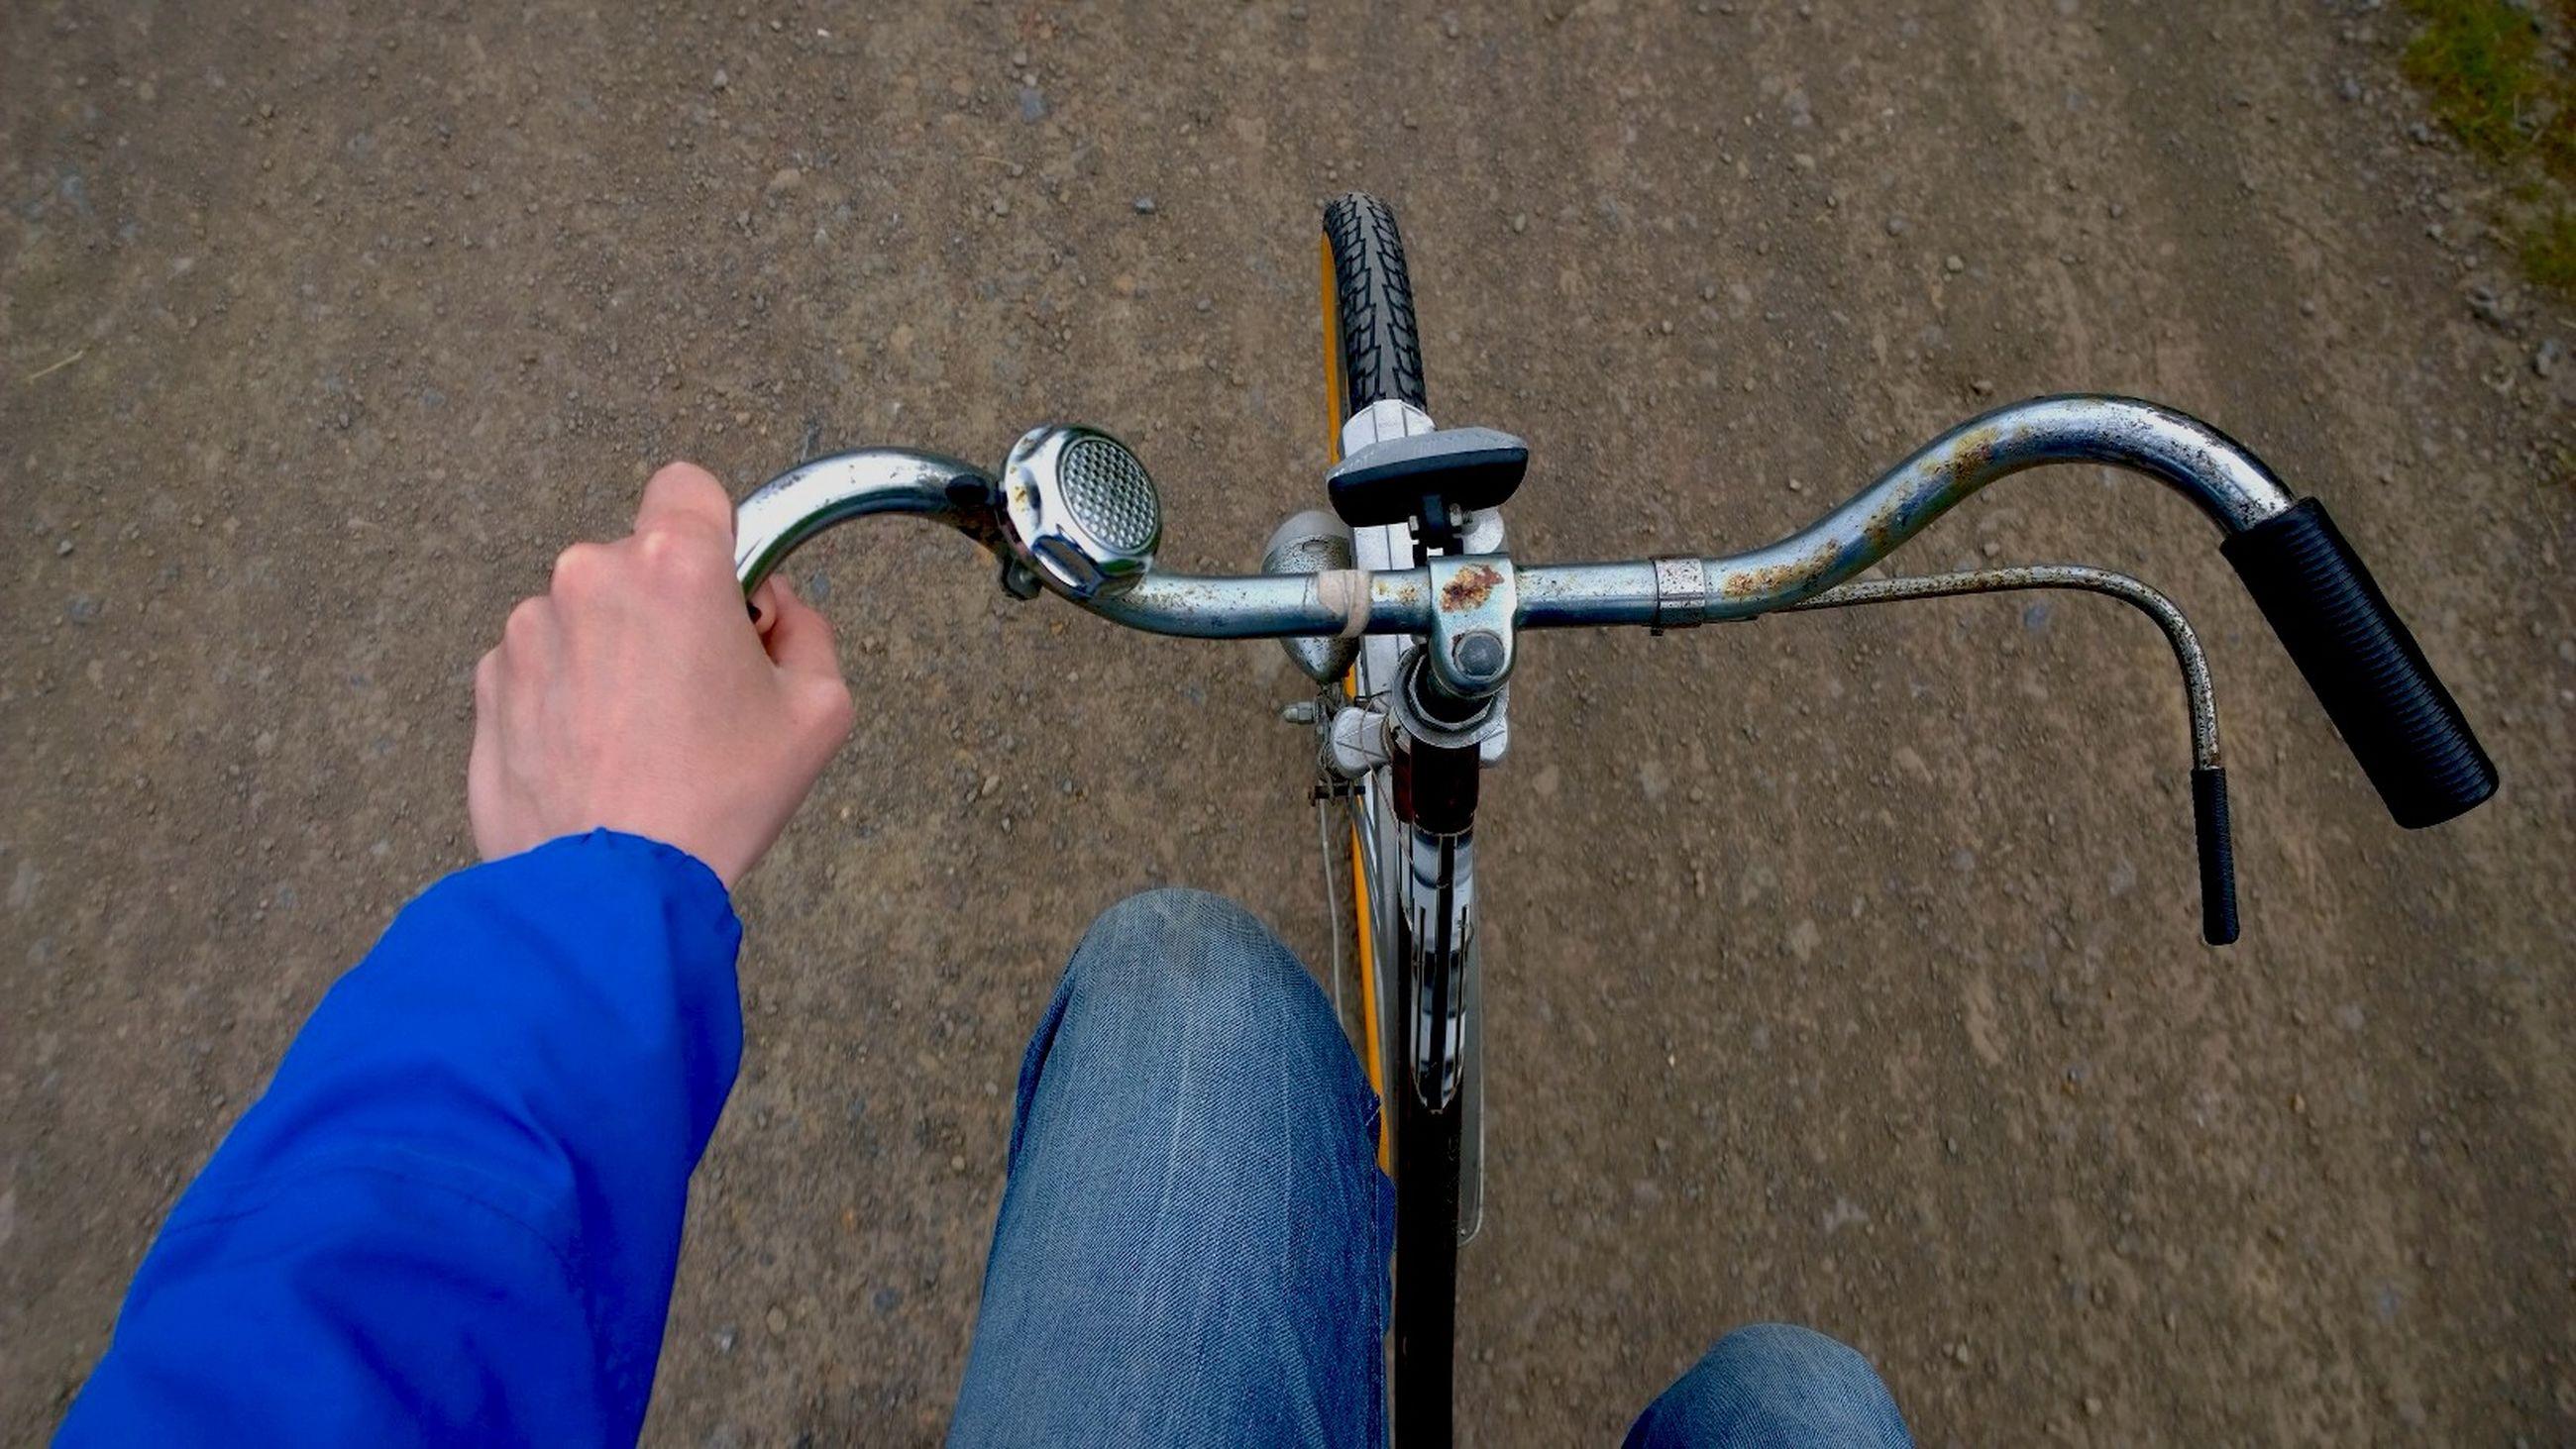 Hand of cyclist on handlebar